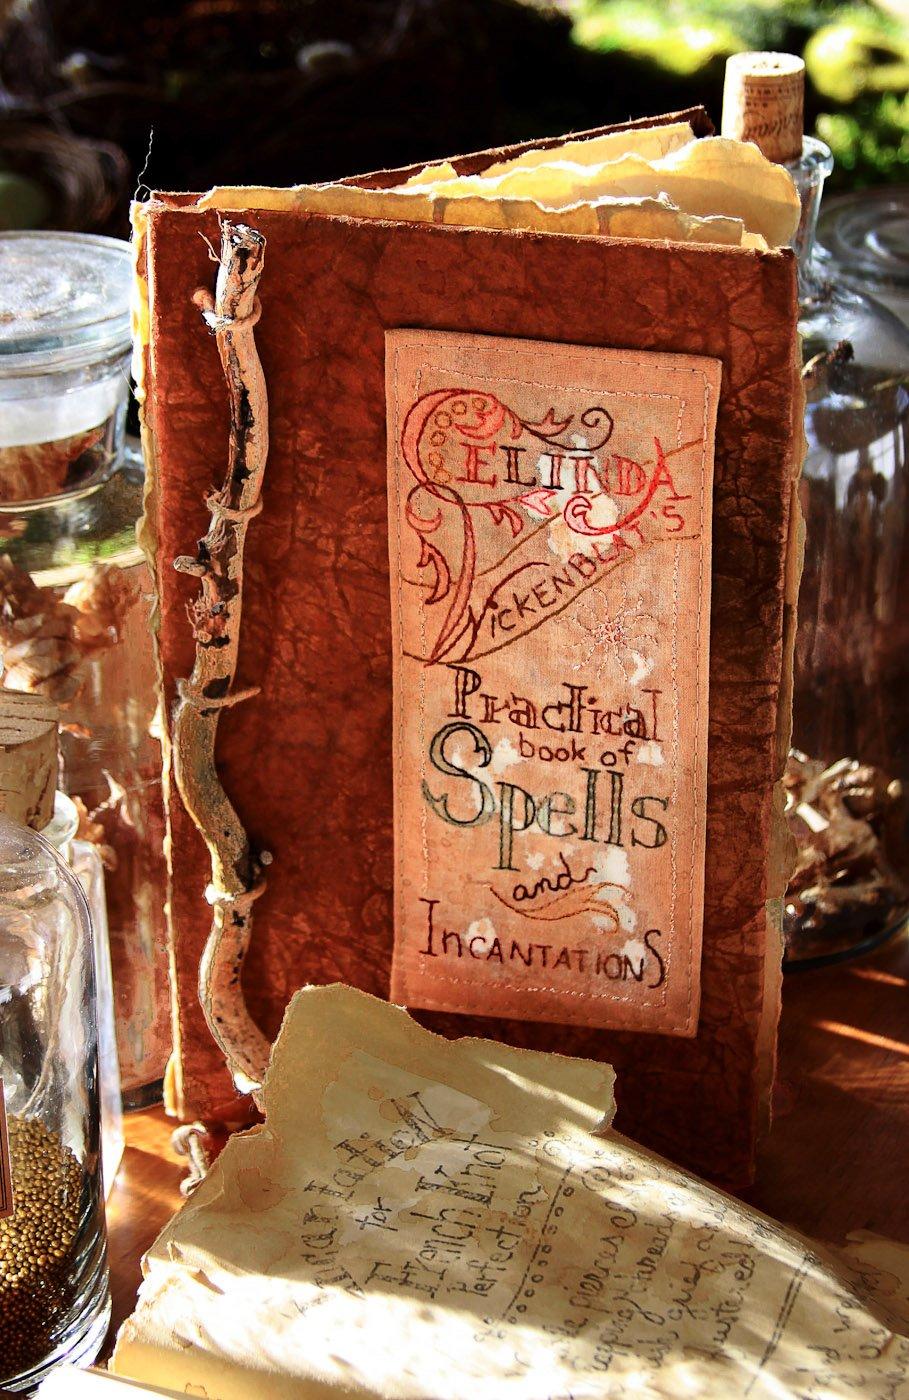 Celinda Wickenblat's spellbook